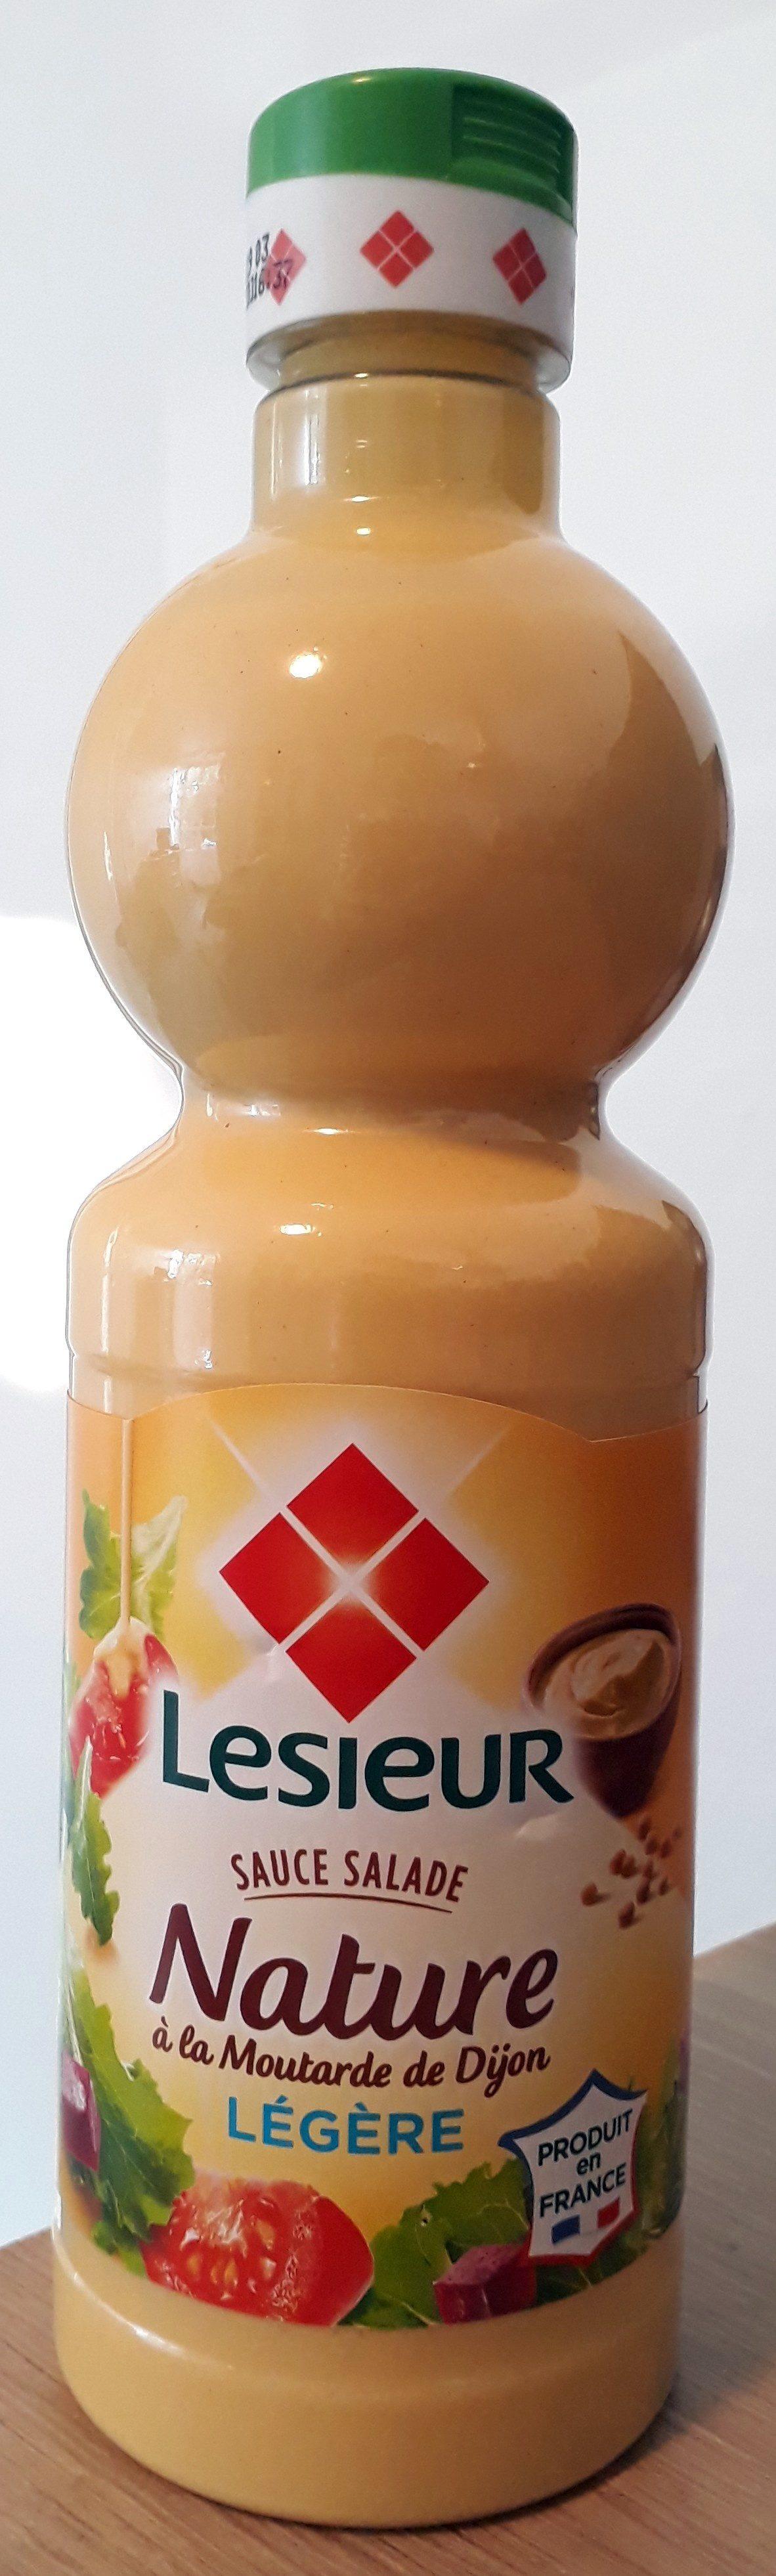 Sauce salade nature à la moutarde de Dijon légère - Produit - fr